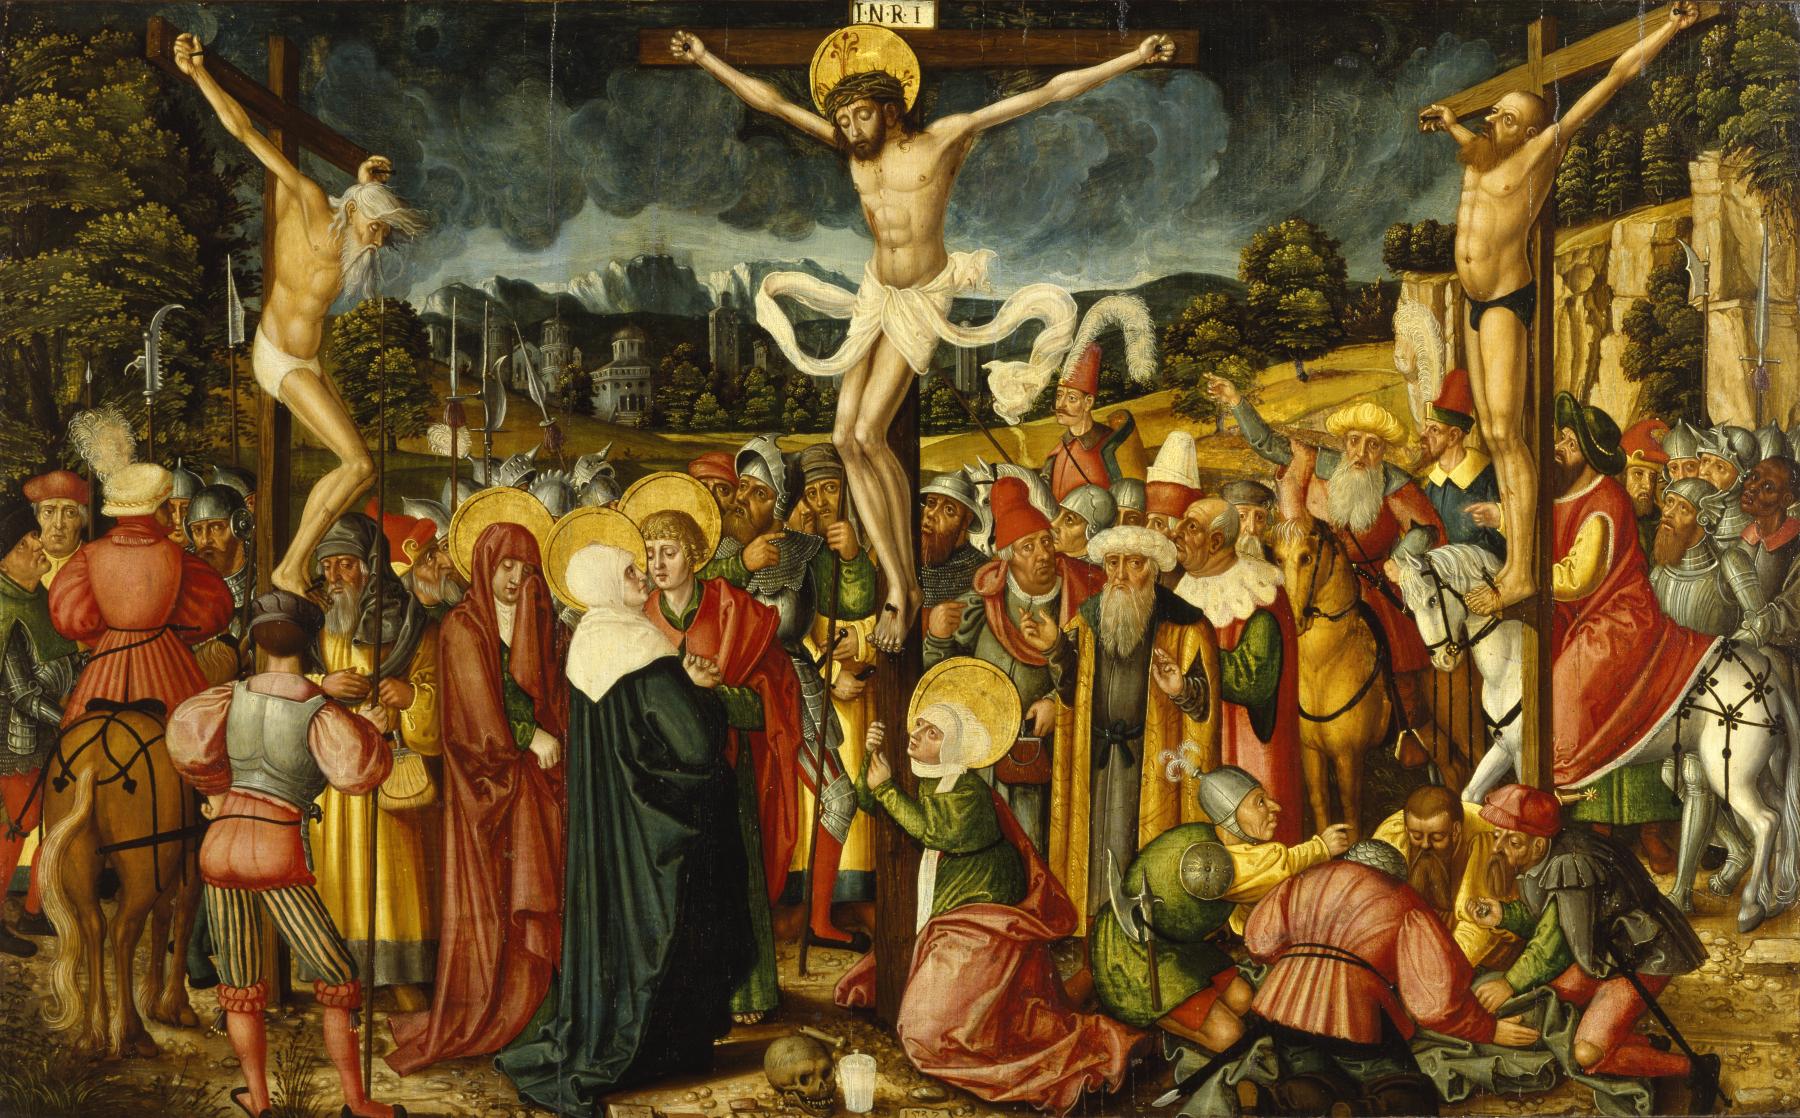 1536 crucifiction torture female bondage